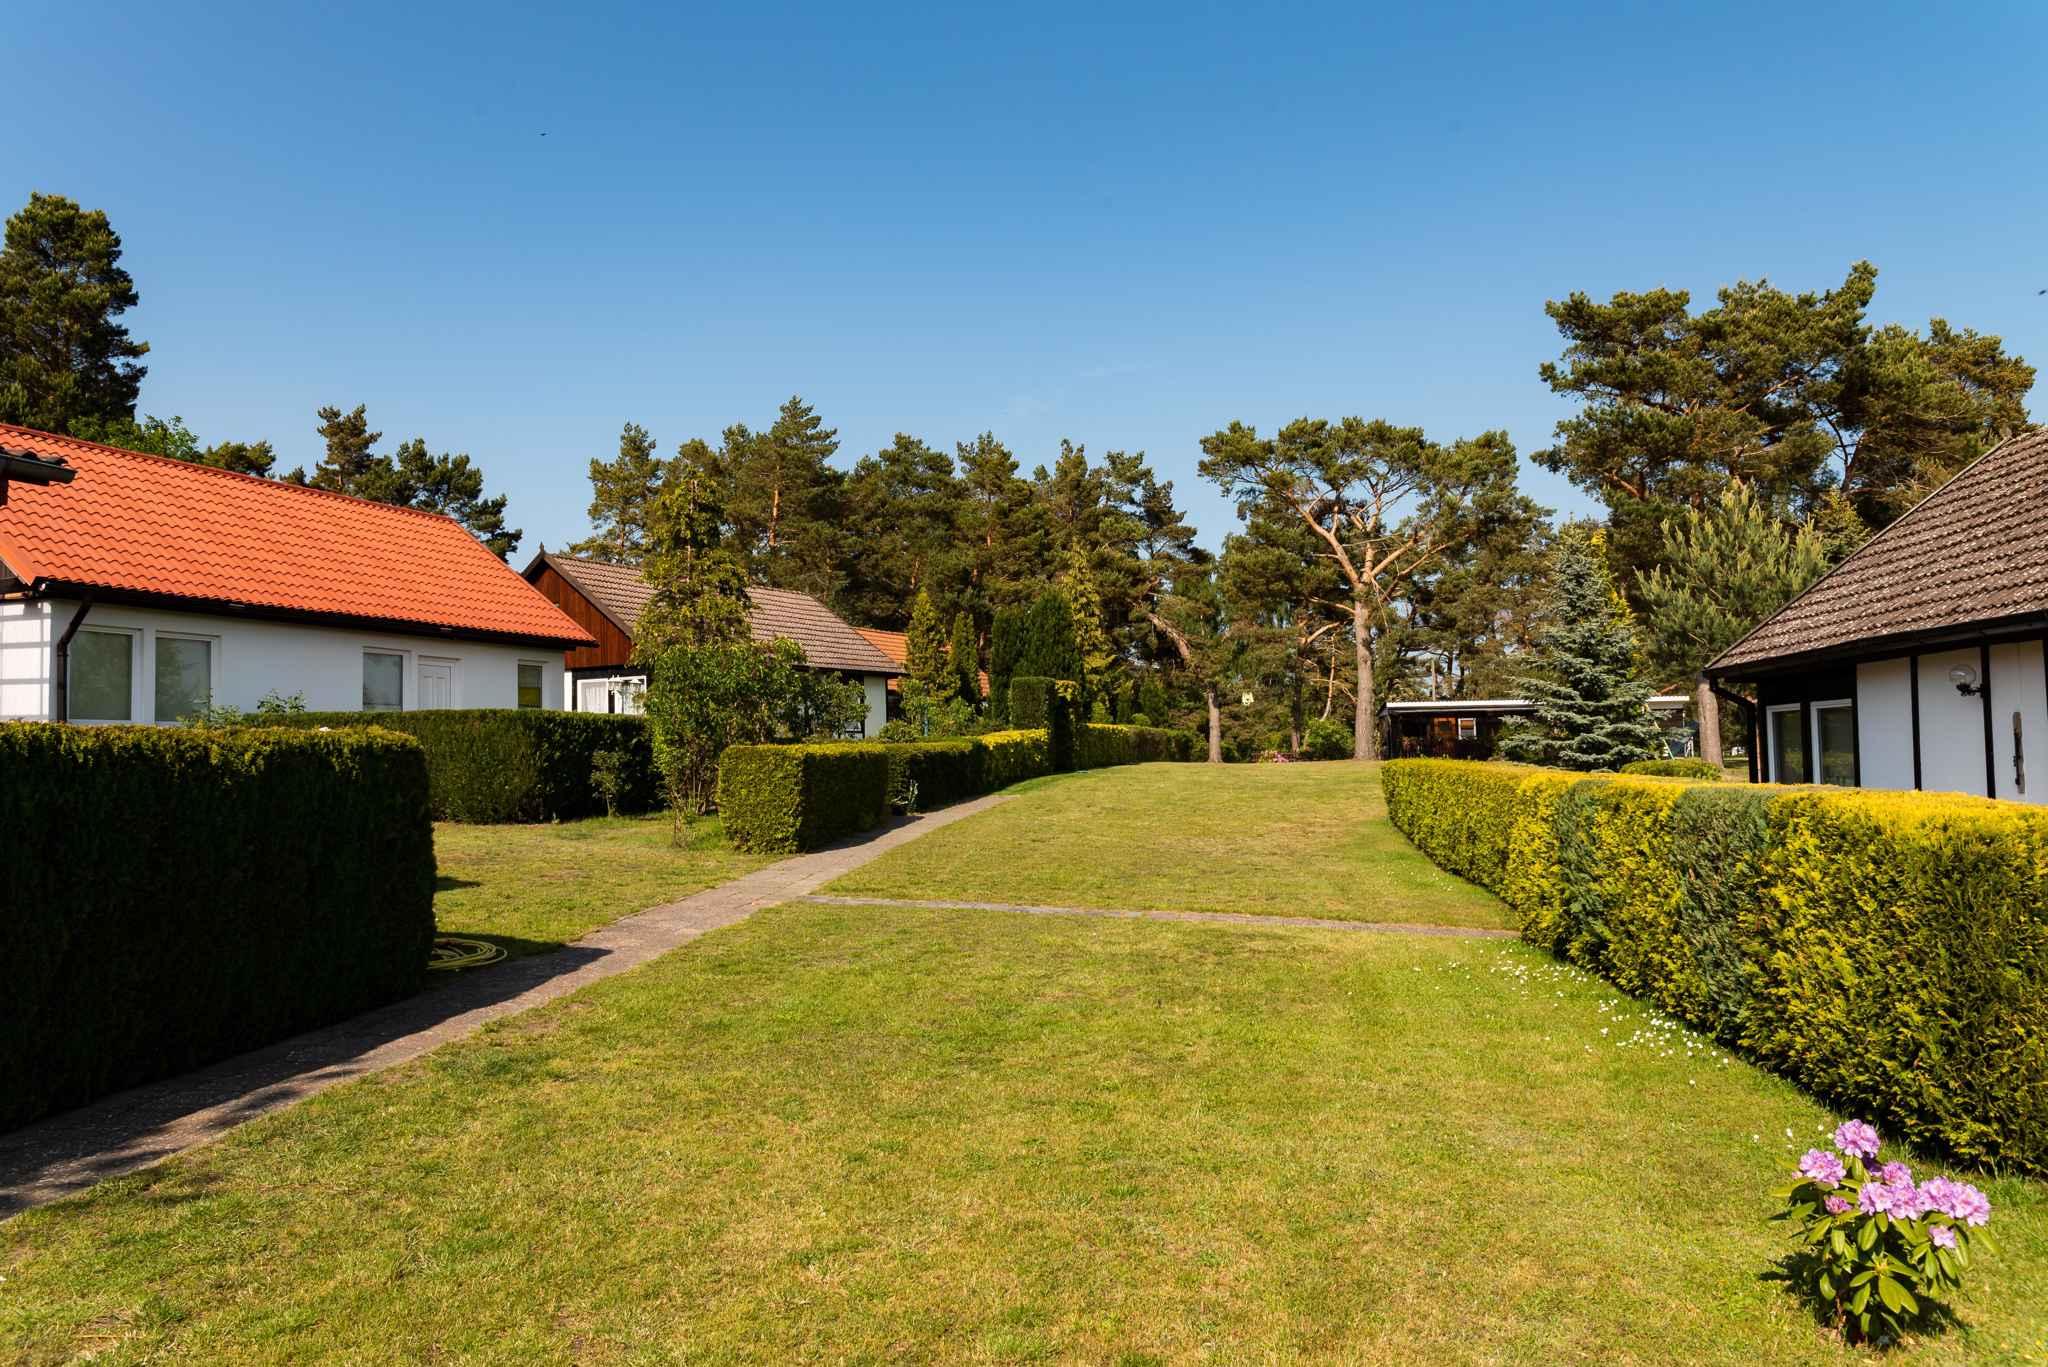 Ferienhaus Bungalow mit Terrasse und Garten (356736), Fuhlendorf, Ostseeküste Mecklenburg-Vorpommern, Mecklenburg-Vorpommern, Deutschland, Bild 19